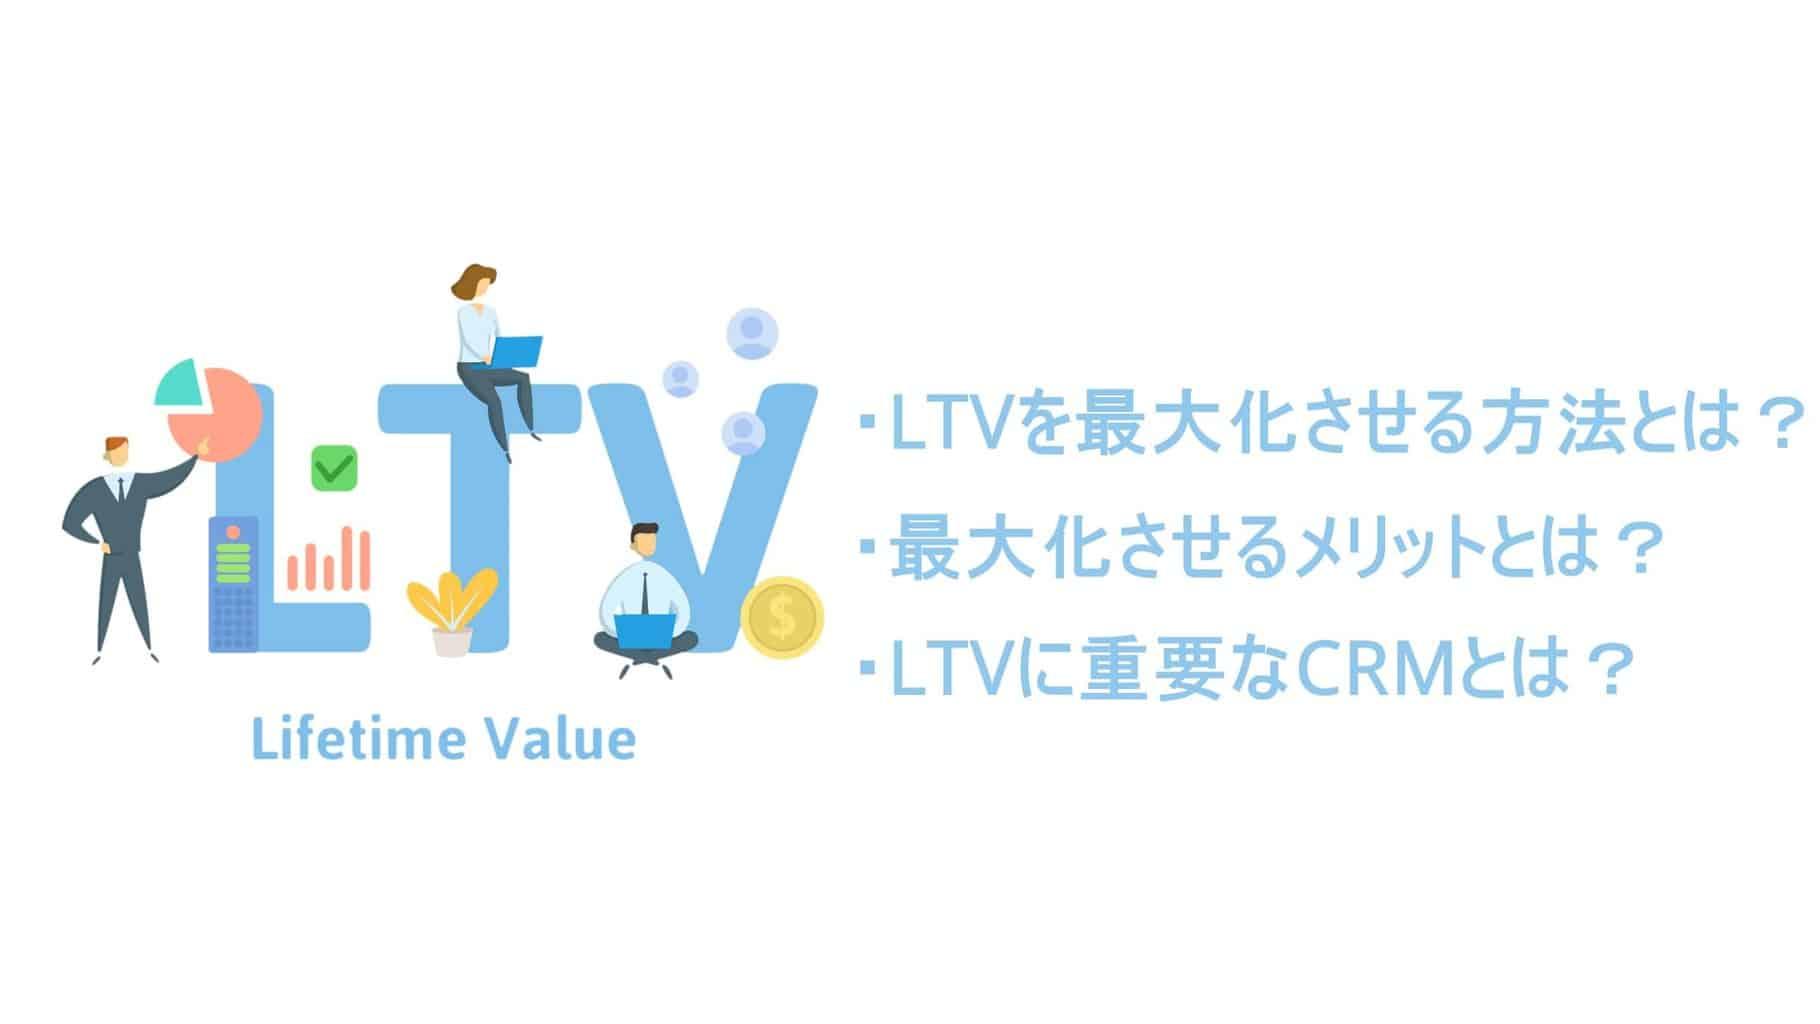 LTVを最大化させる方法とは?メリットや方法を徹底解説も!